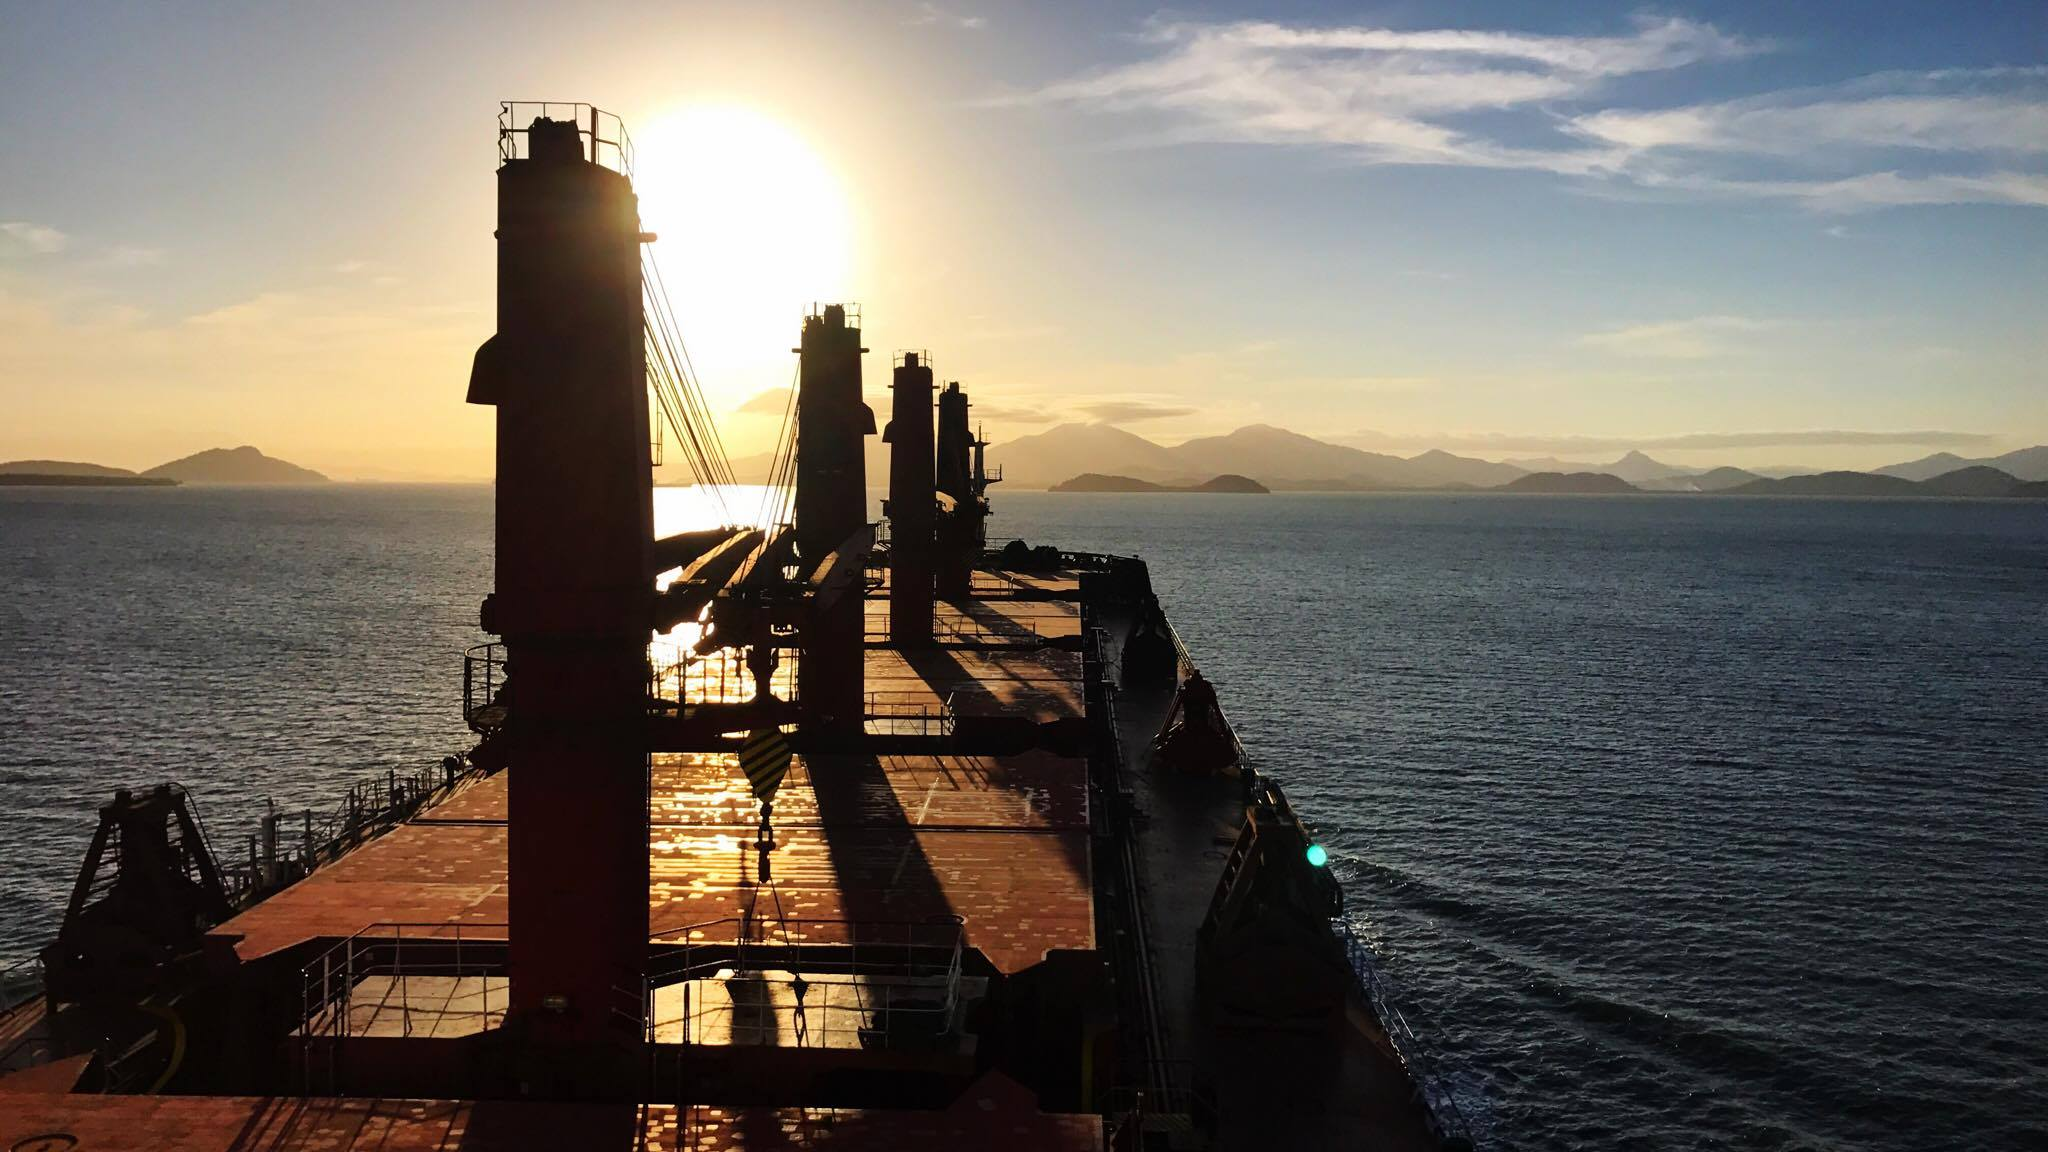 Καλημέρα από Παραναγκουά … - e-Nautilia.gr | Το Ελληνικό Portal για την Ναυτιλία. Τελευταία νέα, άρθρα, Οπτικοακουστικό Υλικό